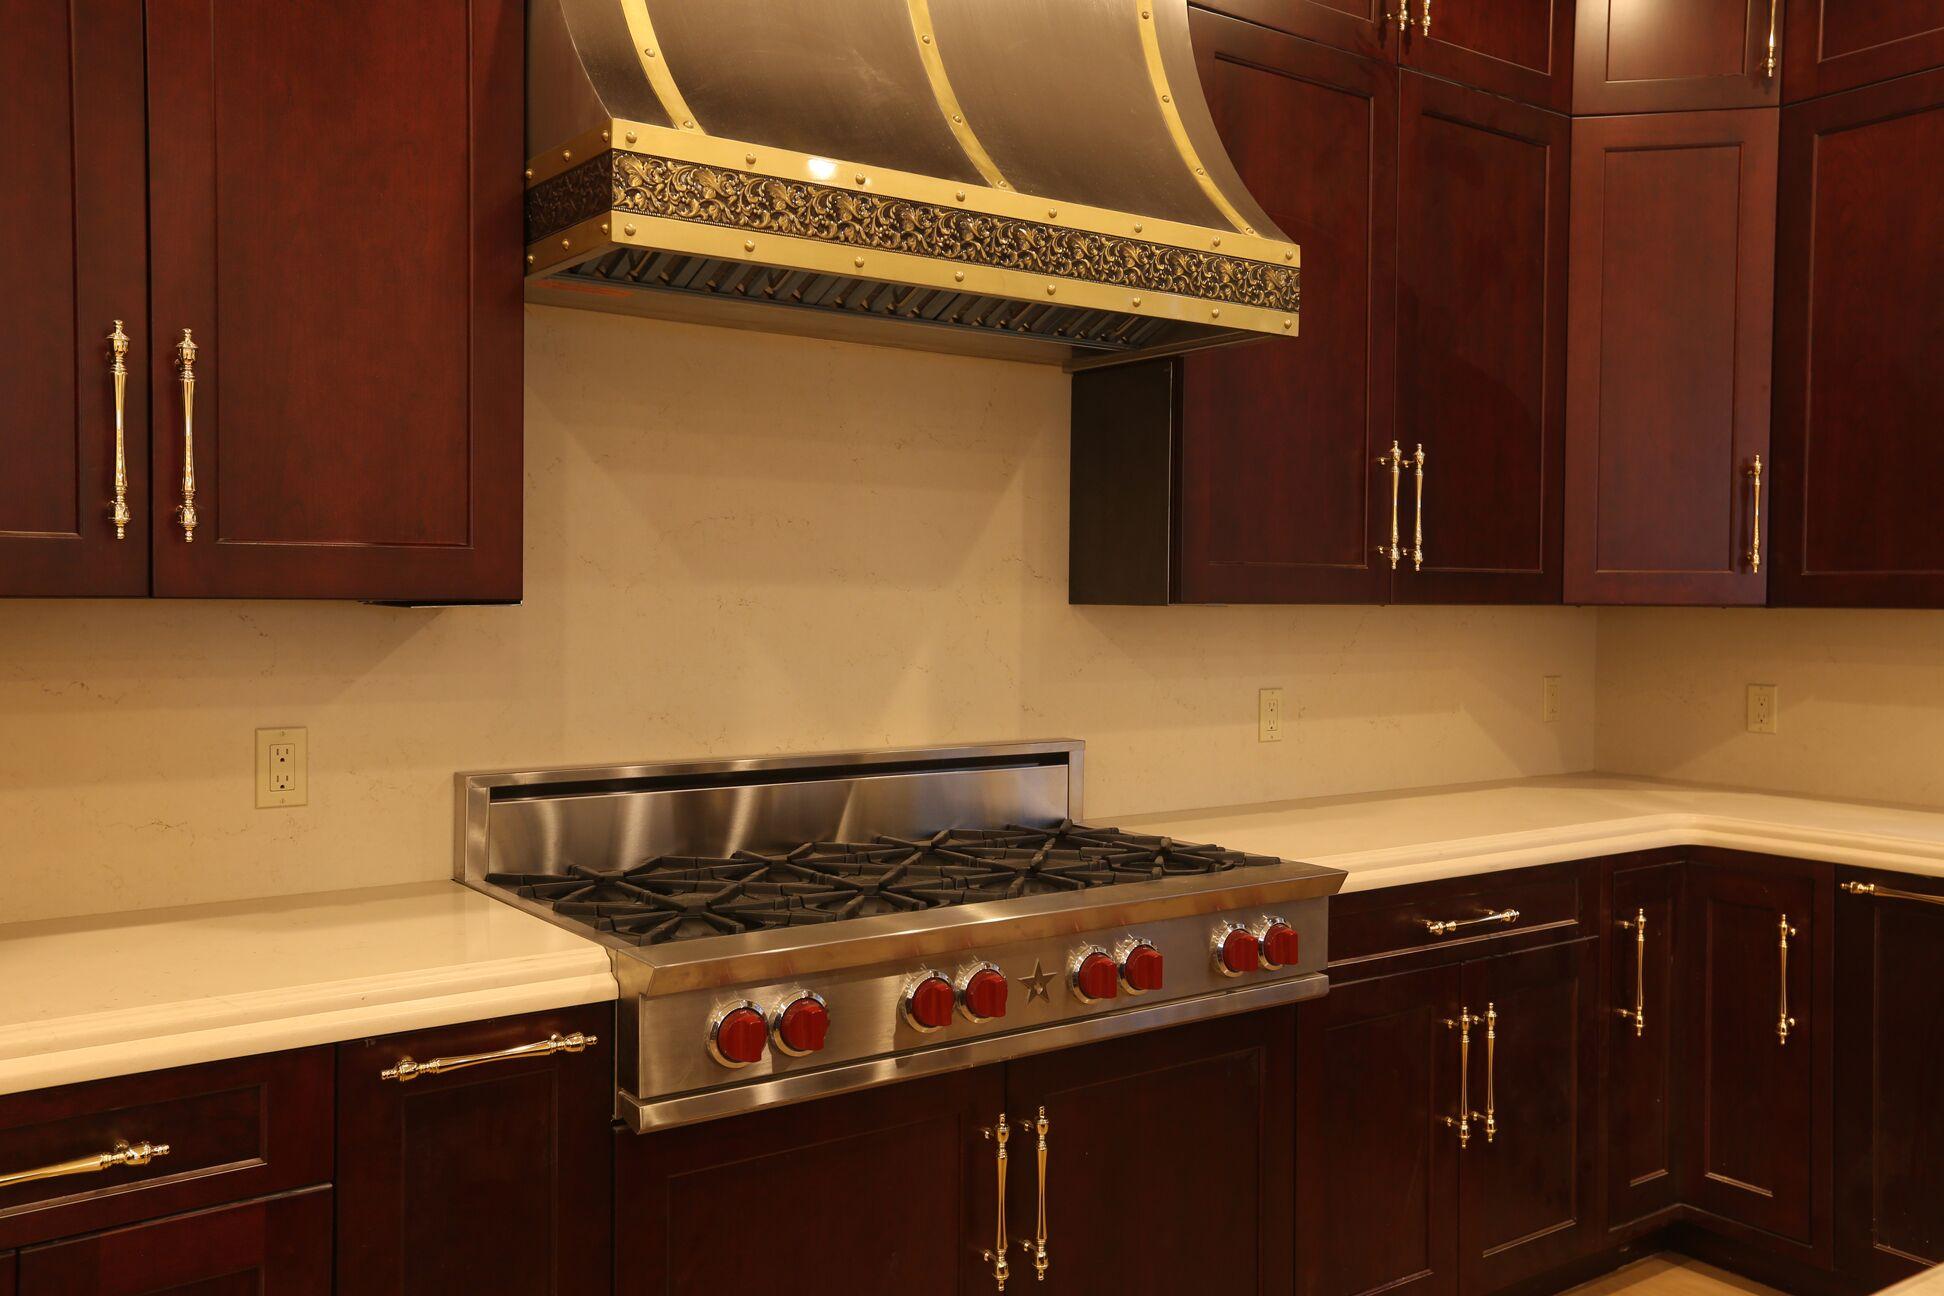 90 yarmouth kitchen 2.jpeg